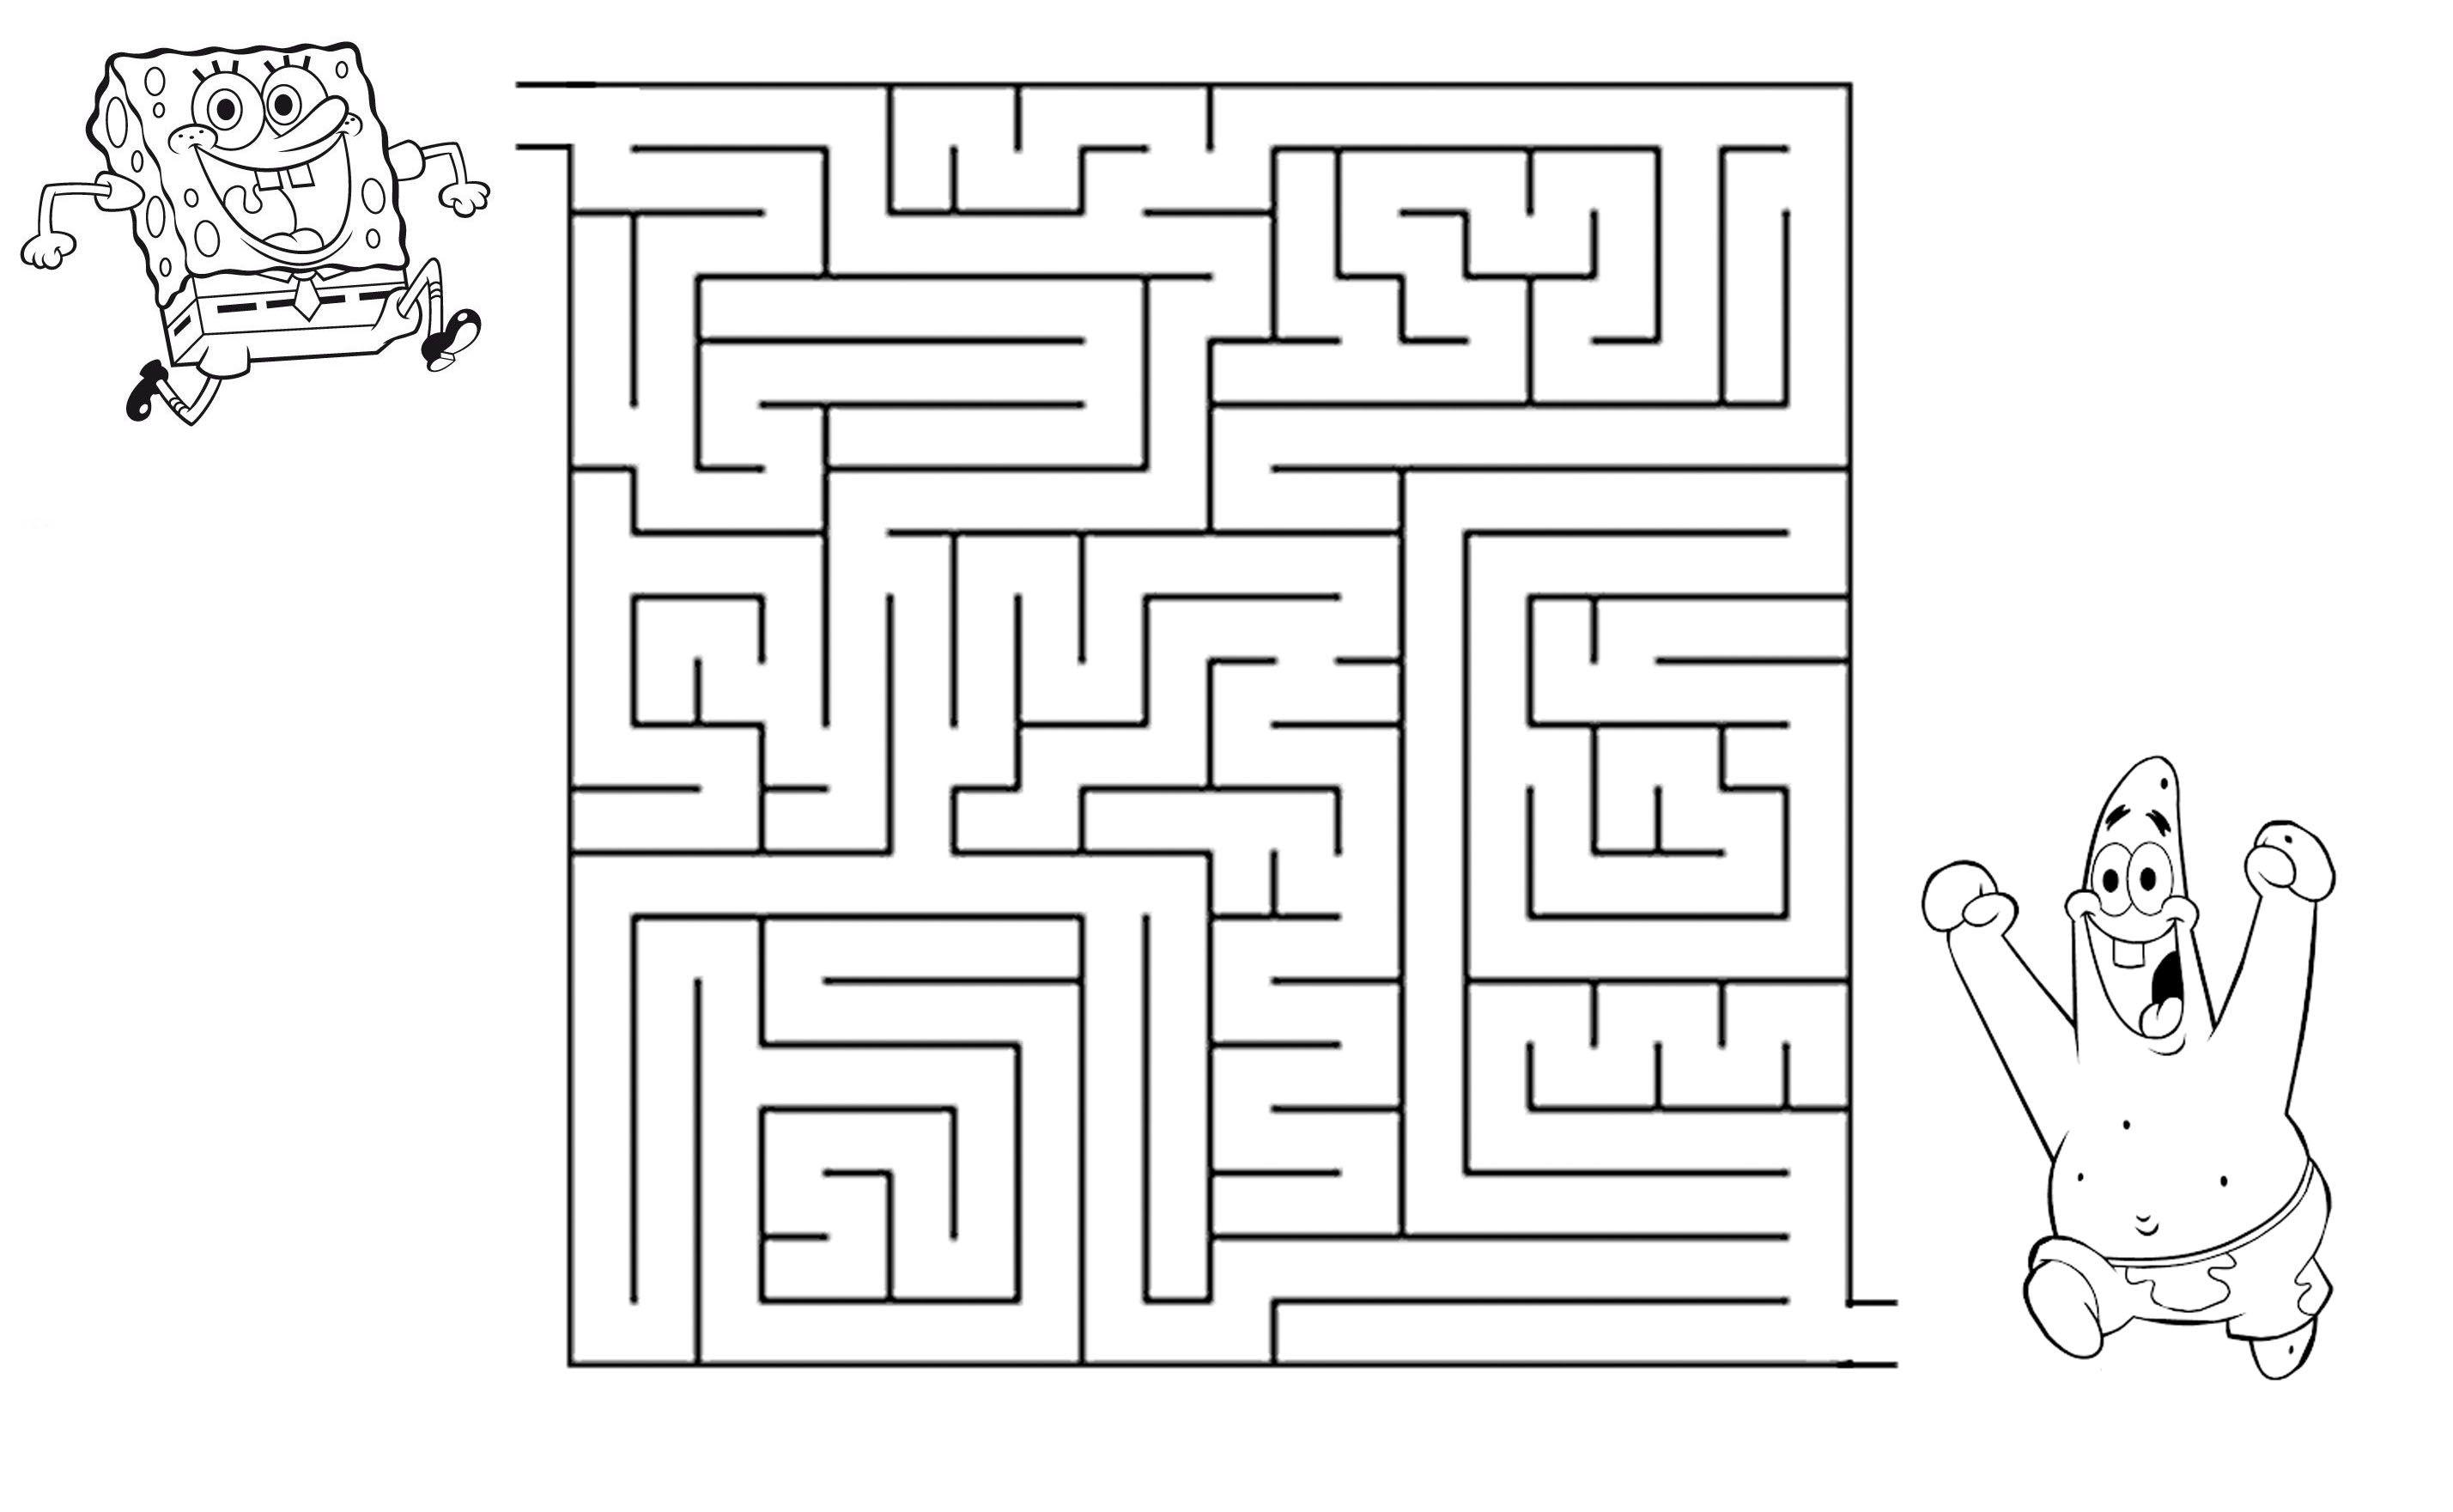 Help Spongebob Through The Maze To Find Patrick